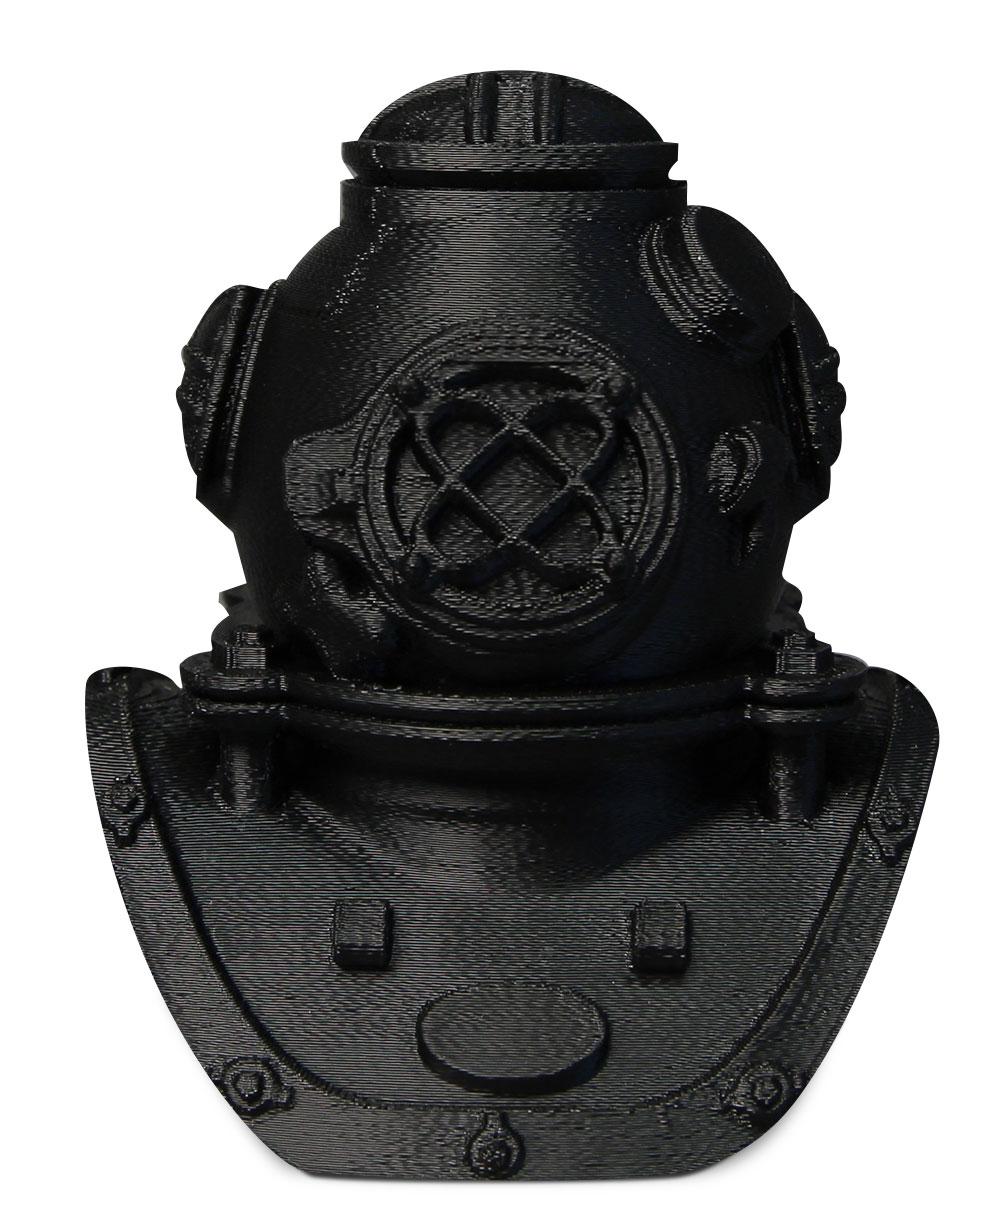 ABS_9_TrueBlack_Helmet.jpg